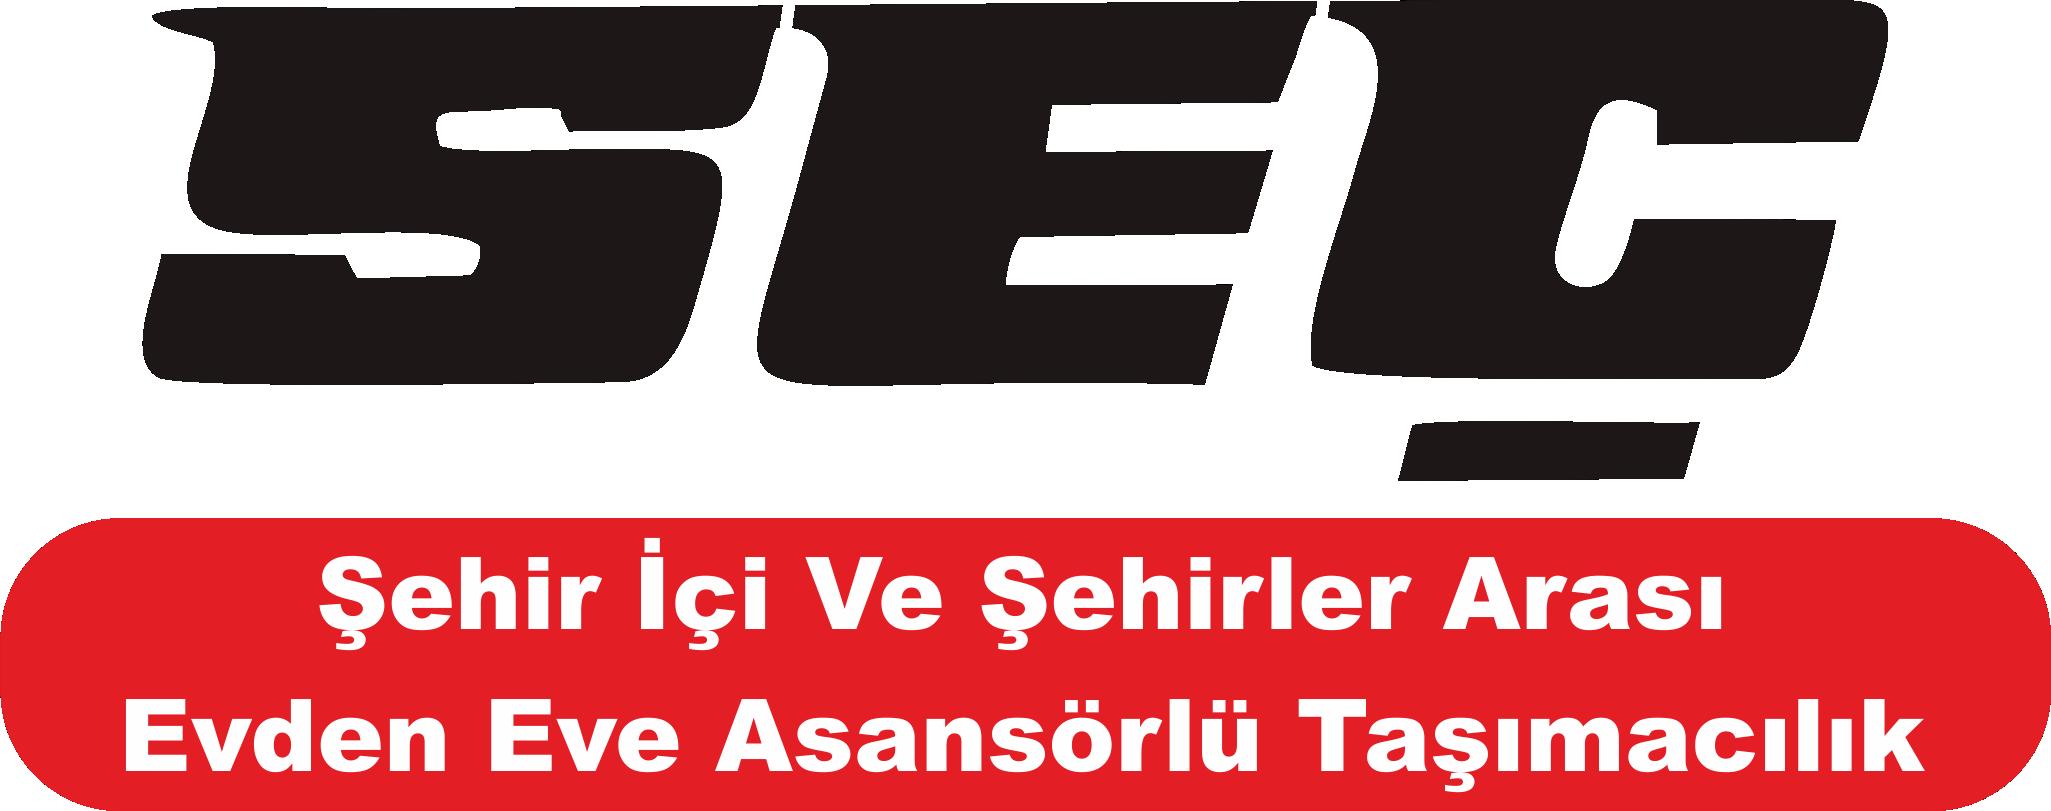 Seç Evden Eve Taşımacılık | Gaziantep | 0543 635 8398